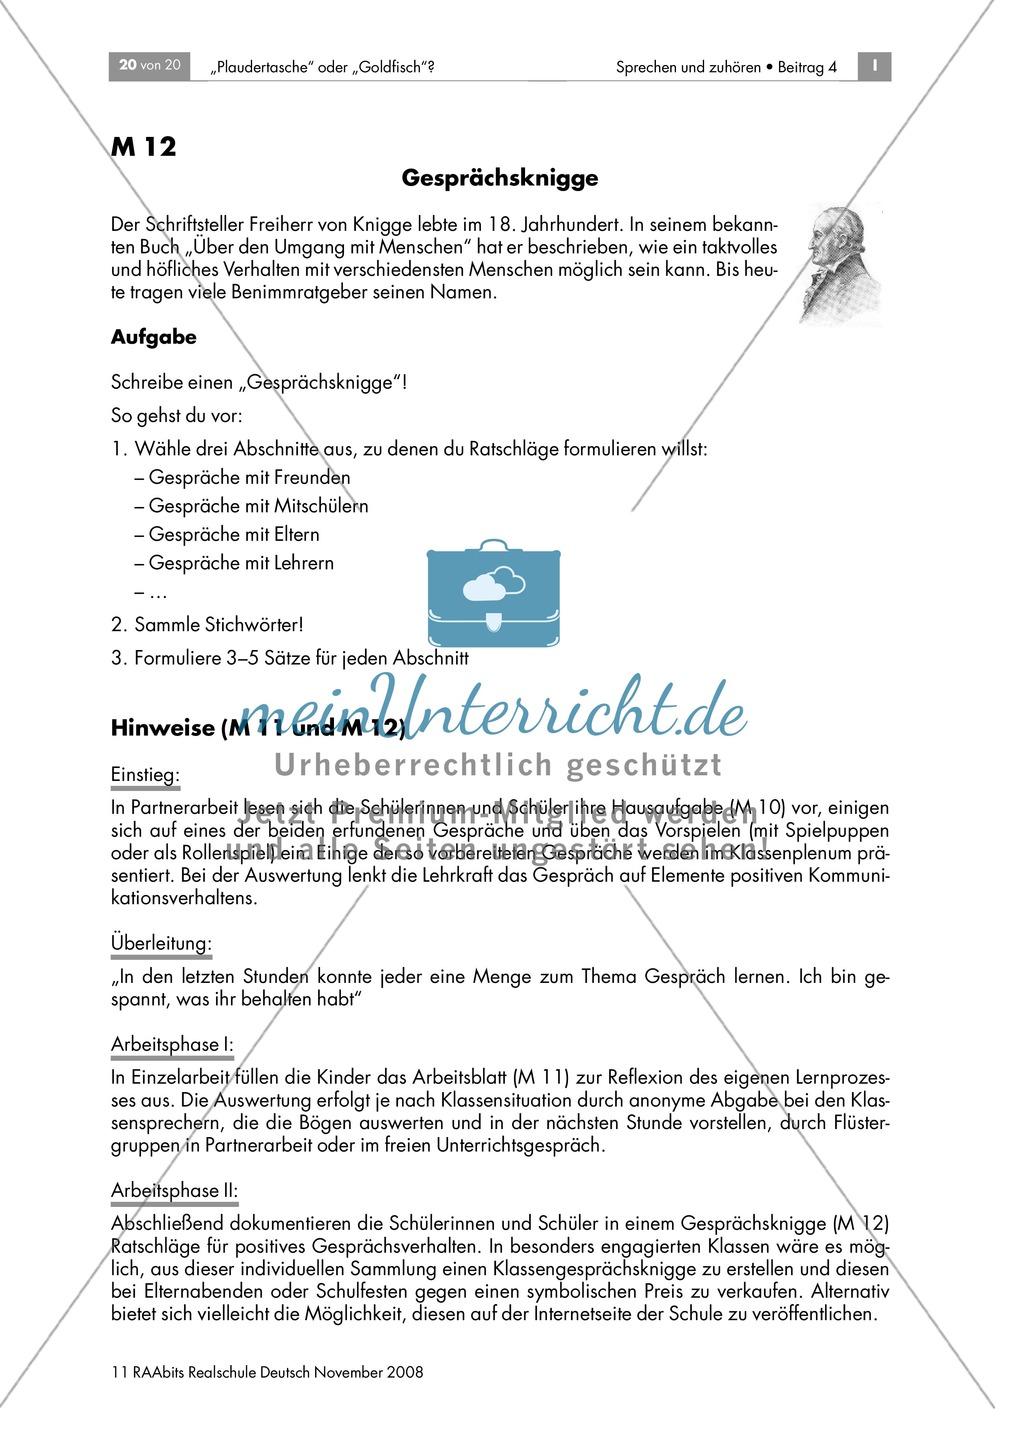 Lernerfolgskontrolle: Lernprozesse festhalten und reflektieren - Gesprächsverhalten Preview 1